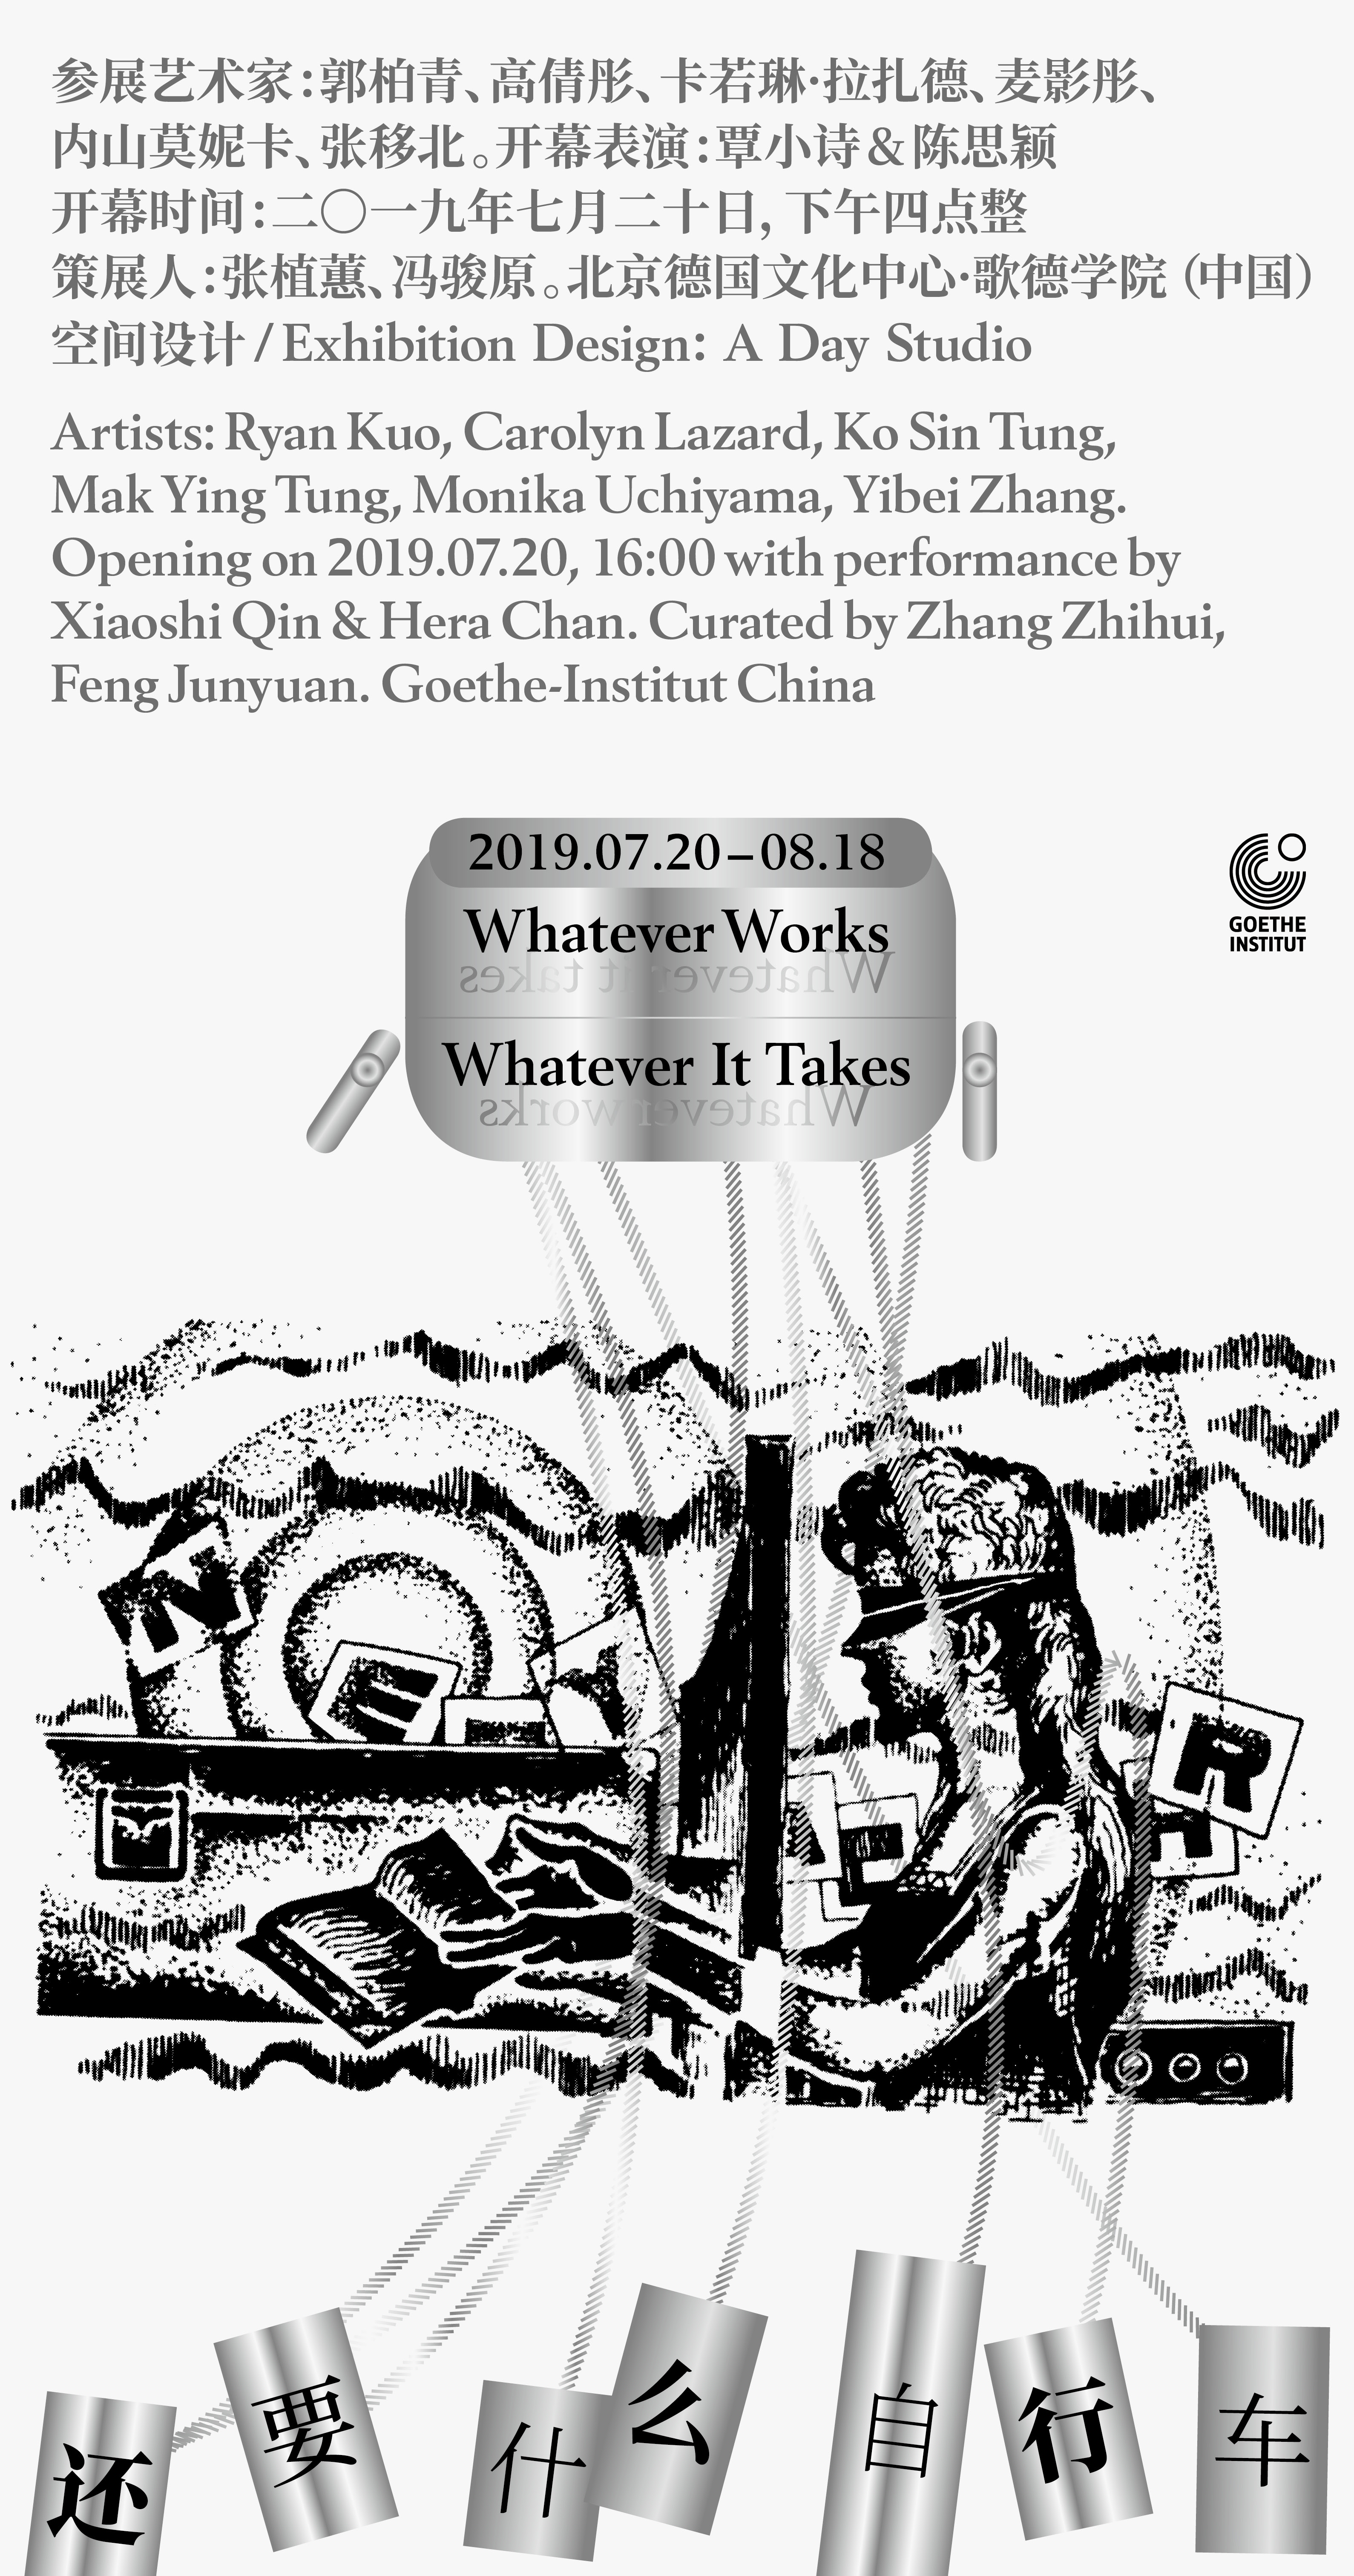 麦影彤2于歌德学院(中国)展出